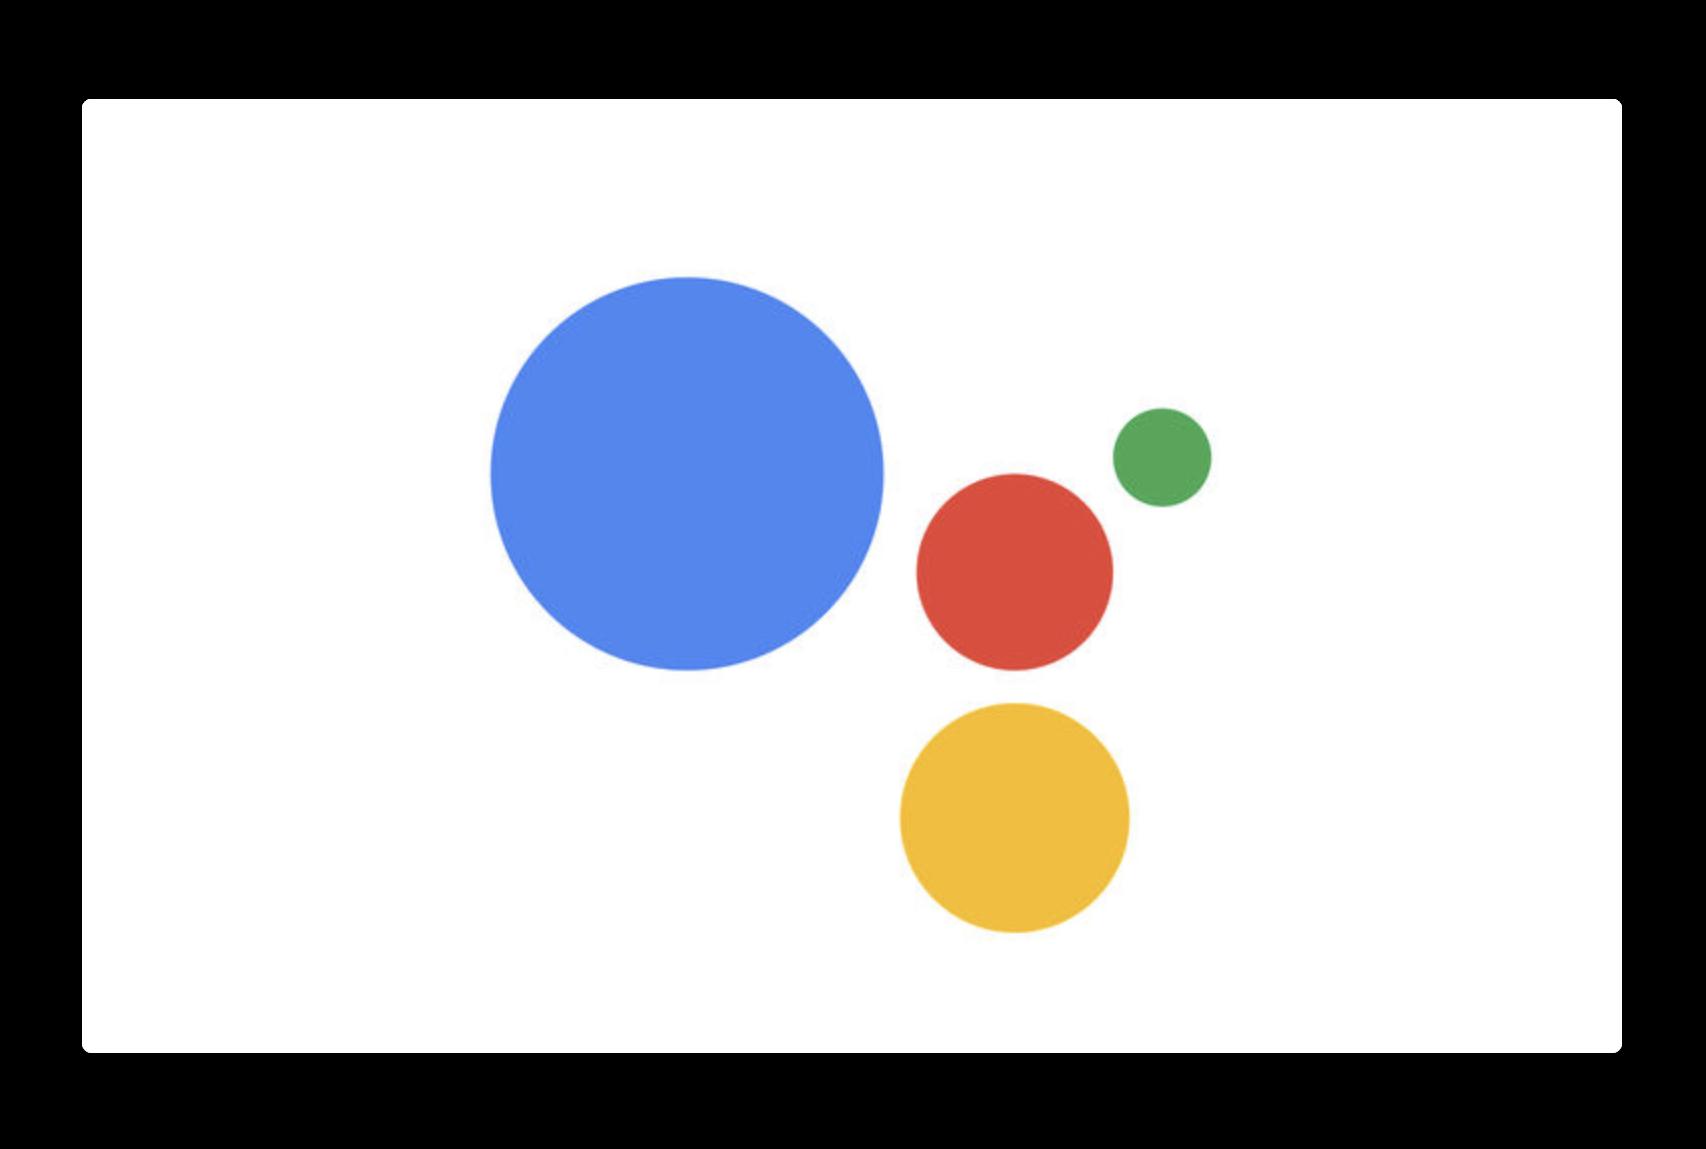 【iOS】Googleアシスタントがバージョンアップ(ver.1.2.4507)でiPadをサポート